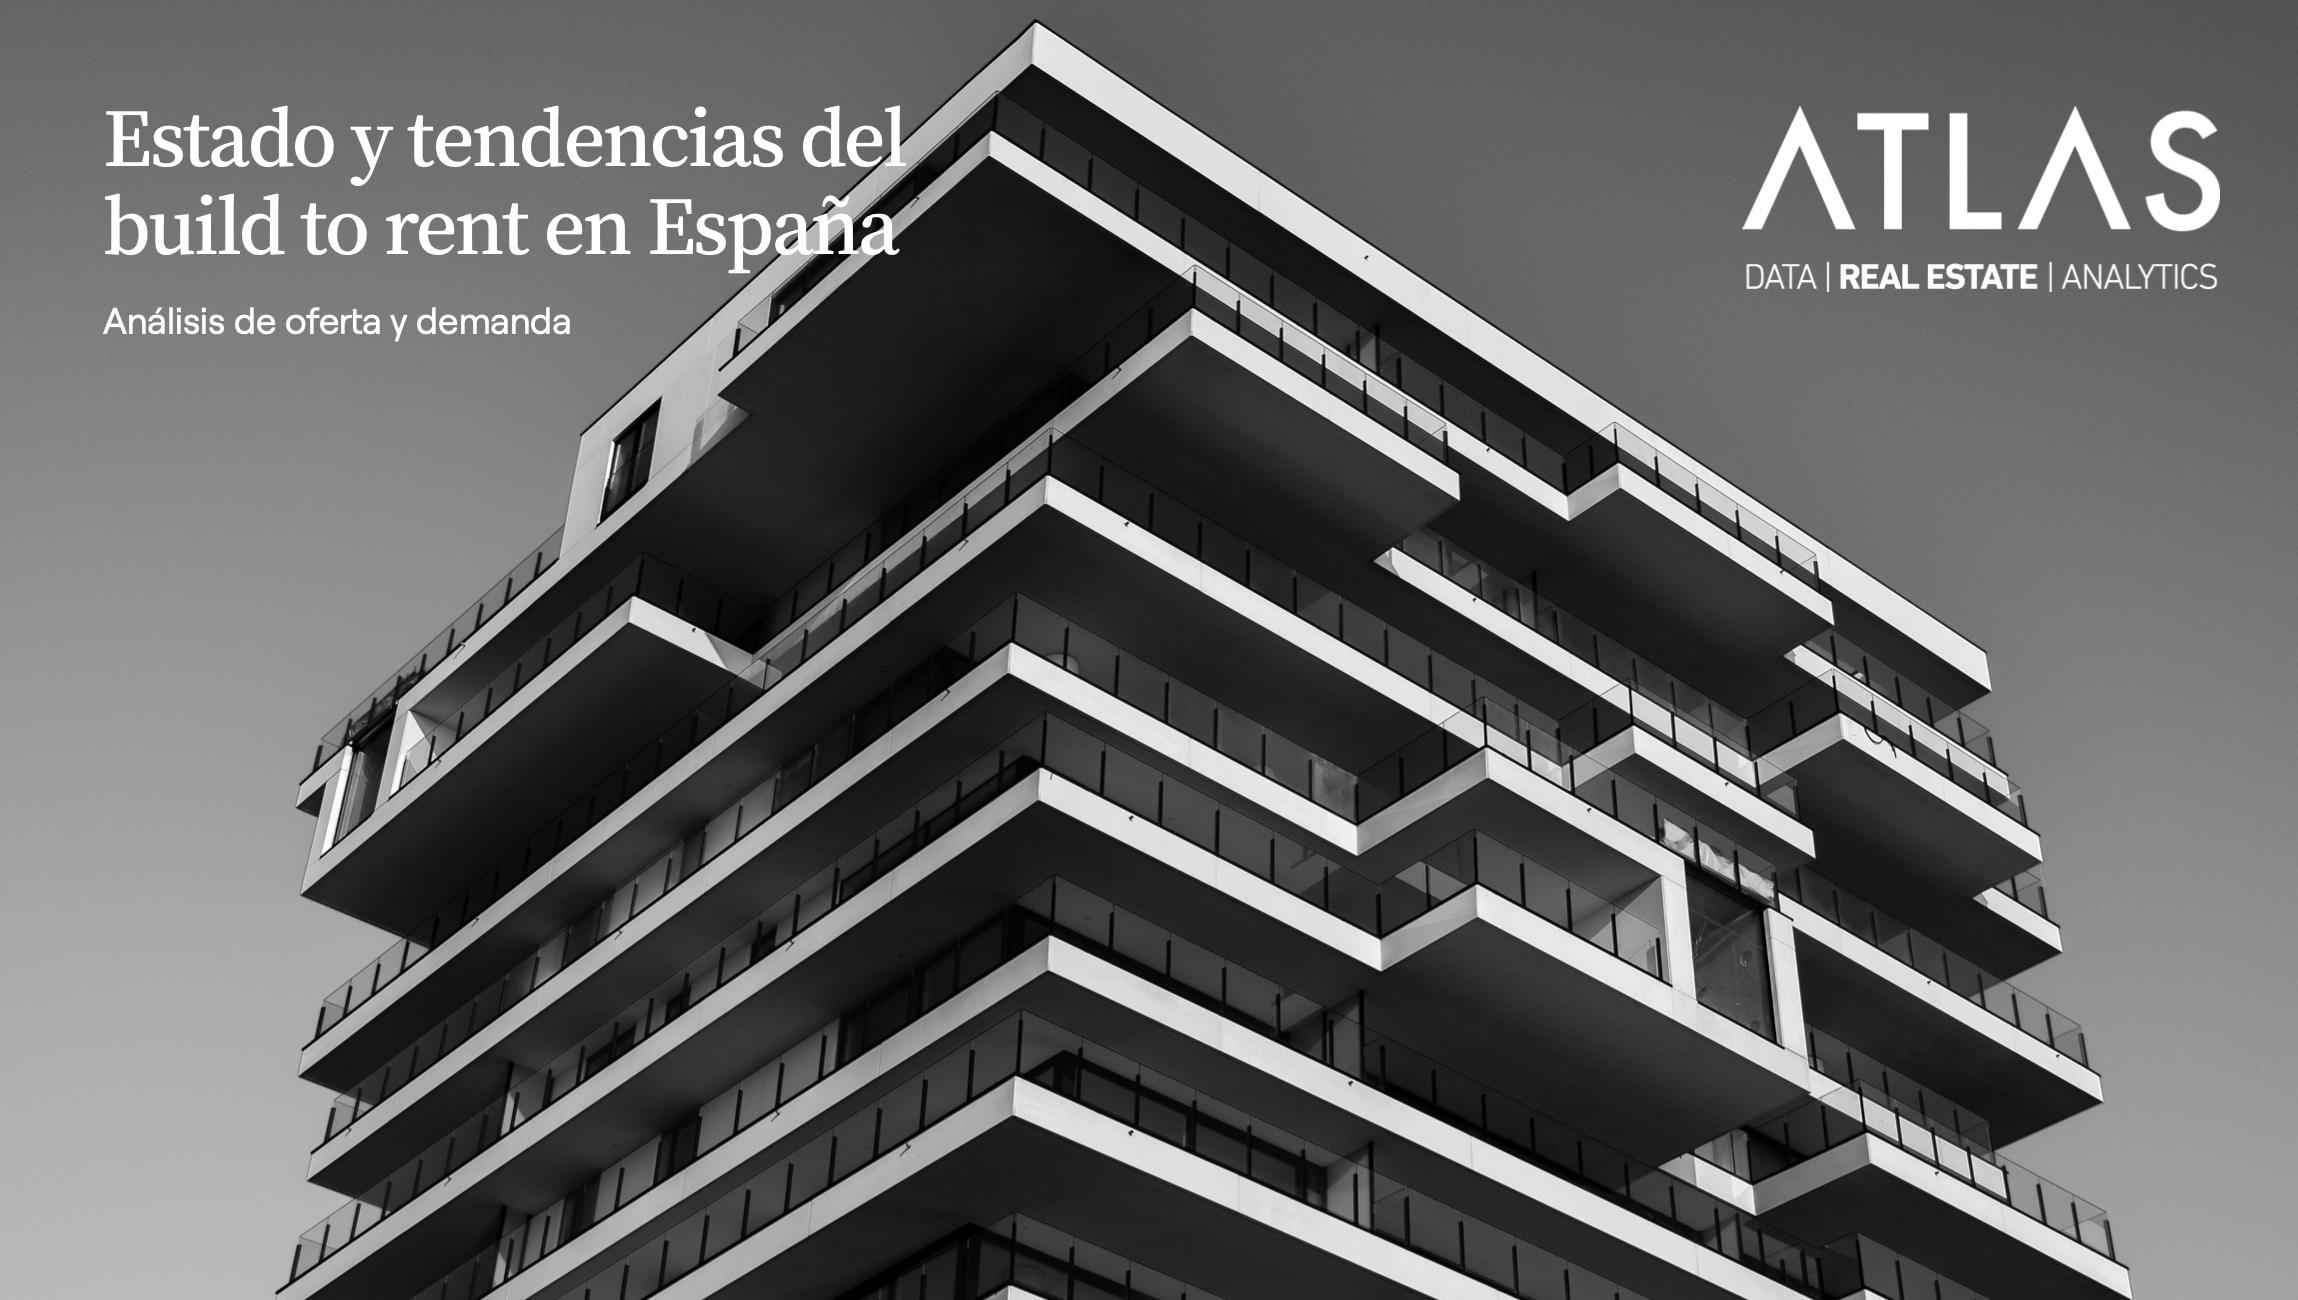 Estado y tendencias del build to rent en España